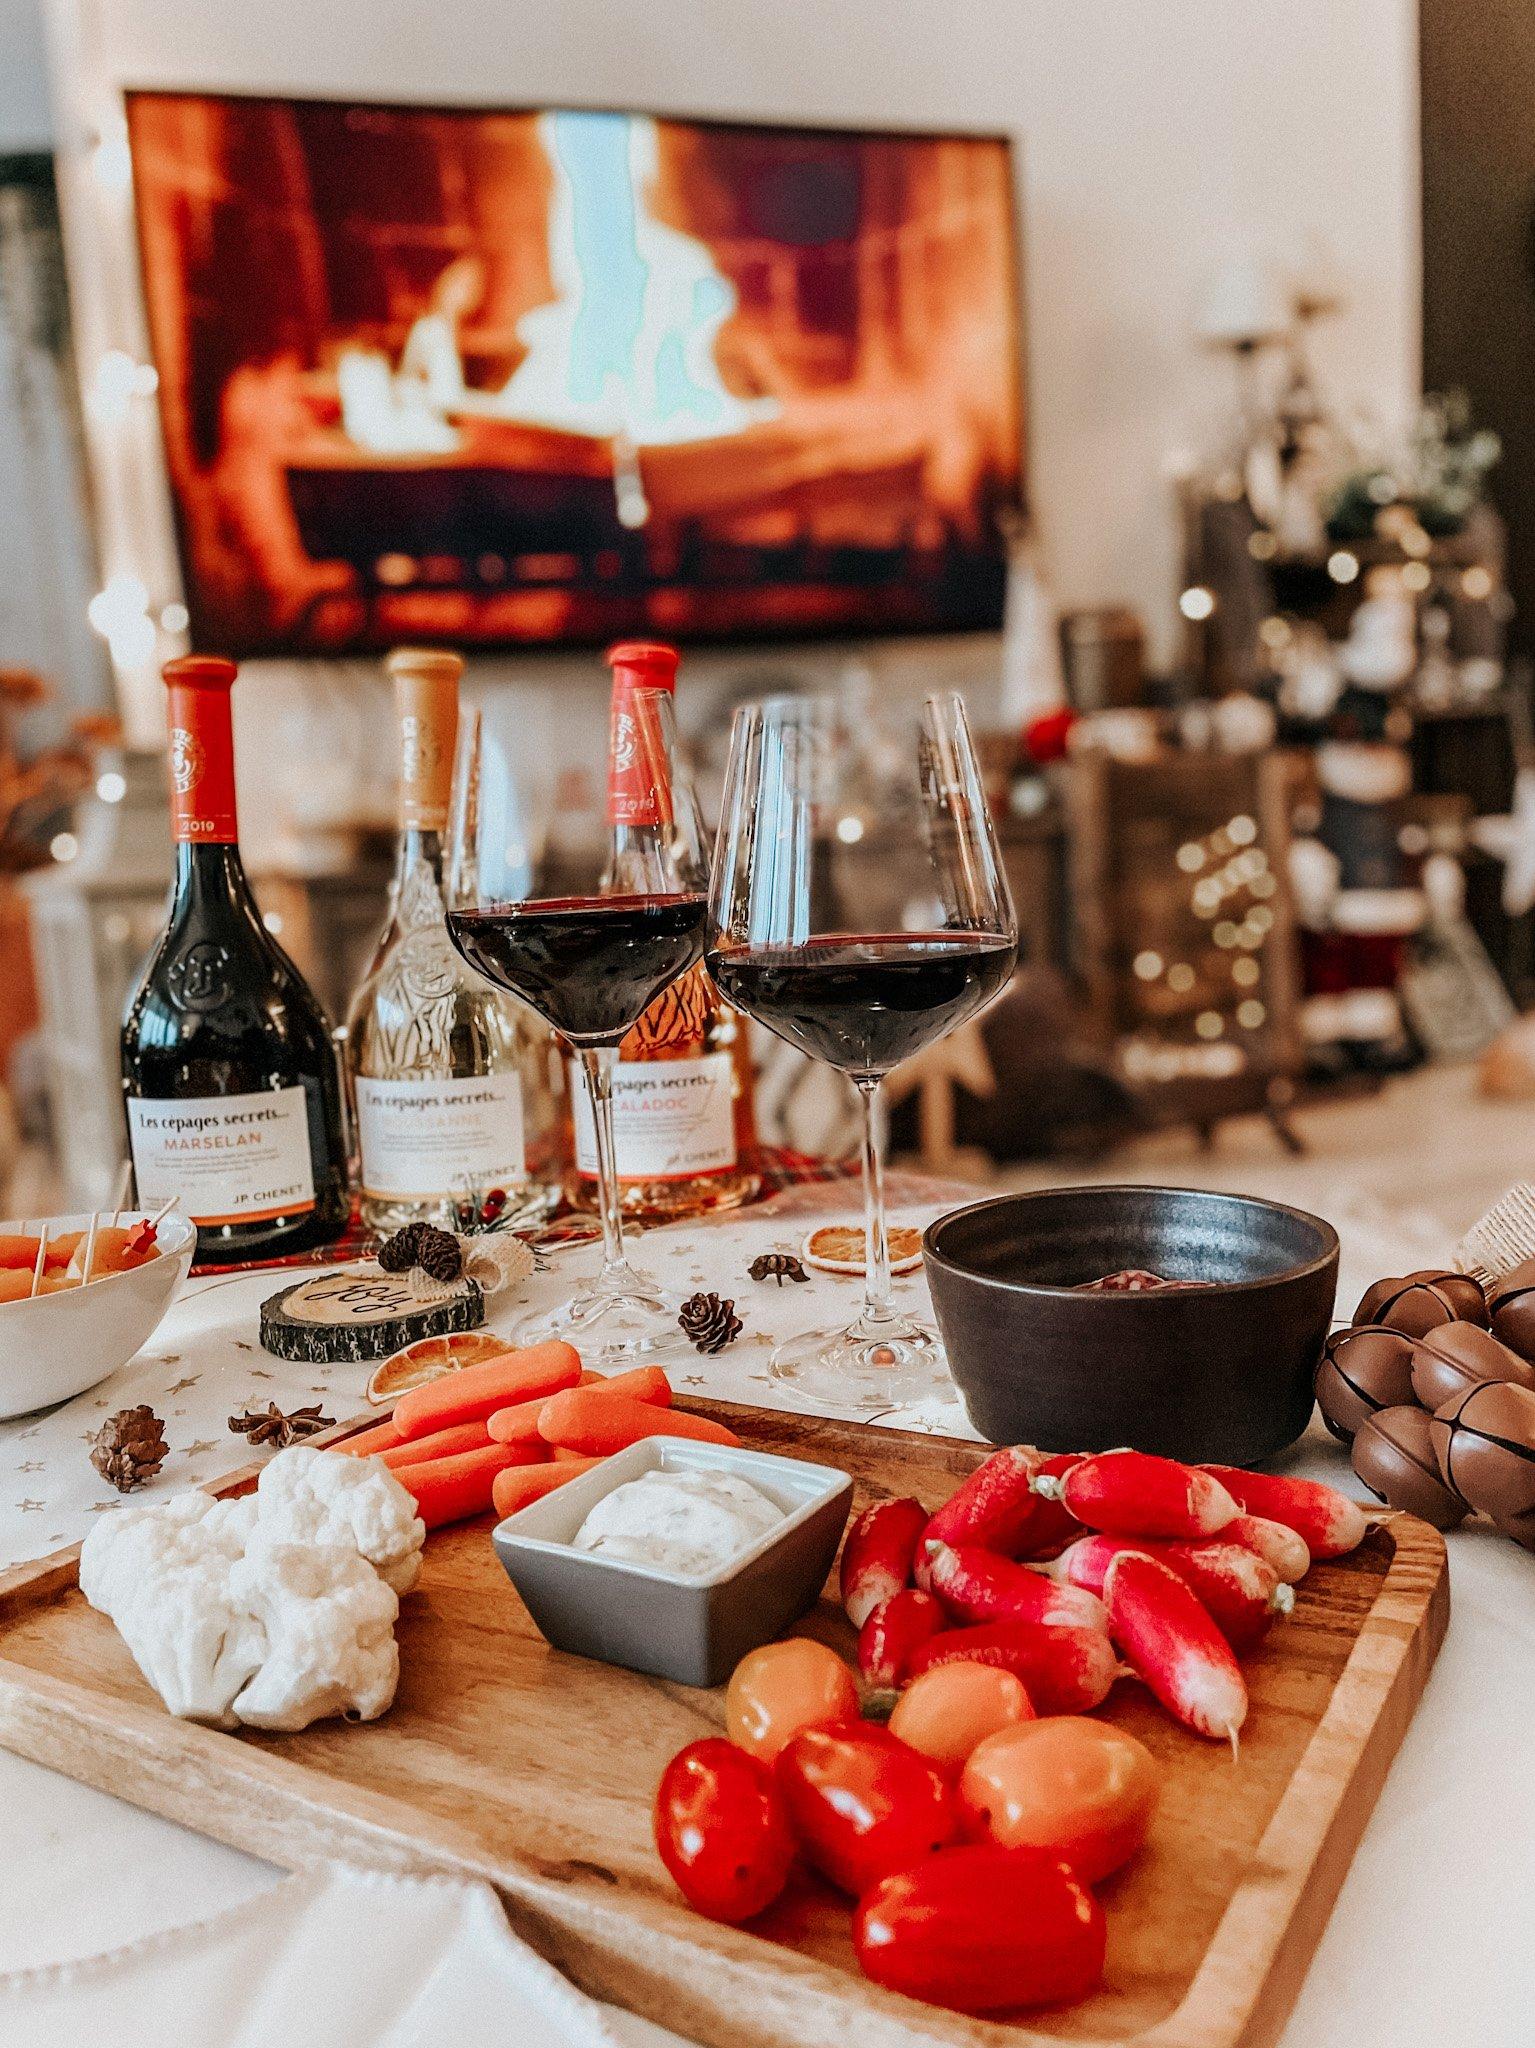 Un repas simple et gourmand pour le 31 décembre